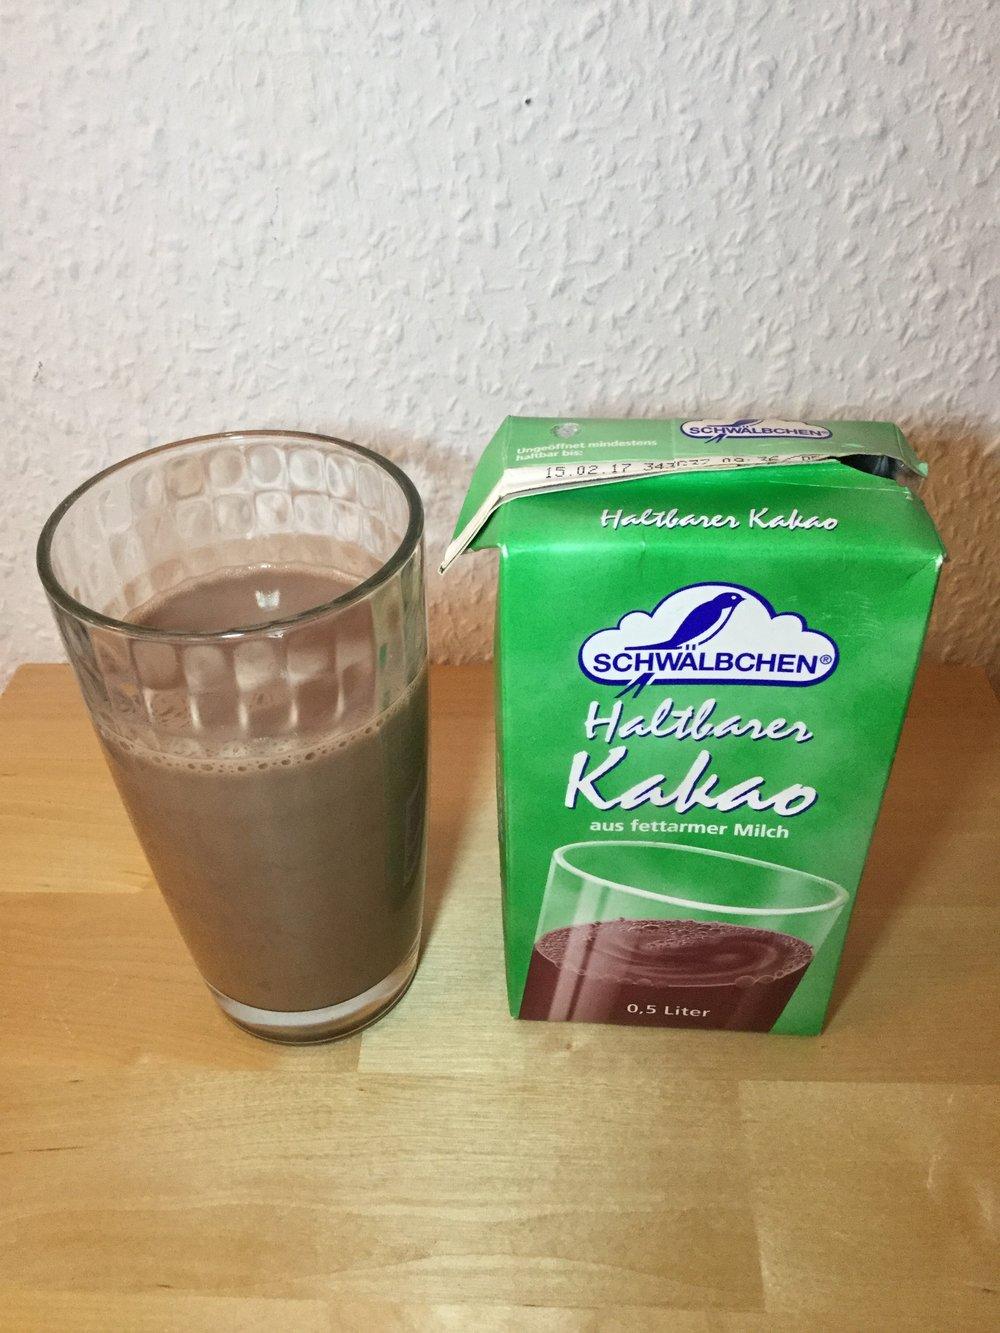 Schwälbchen Haltbarer Kakao Cup